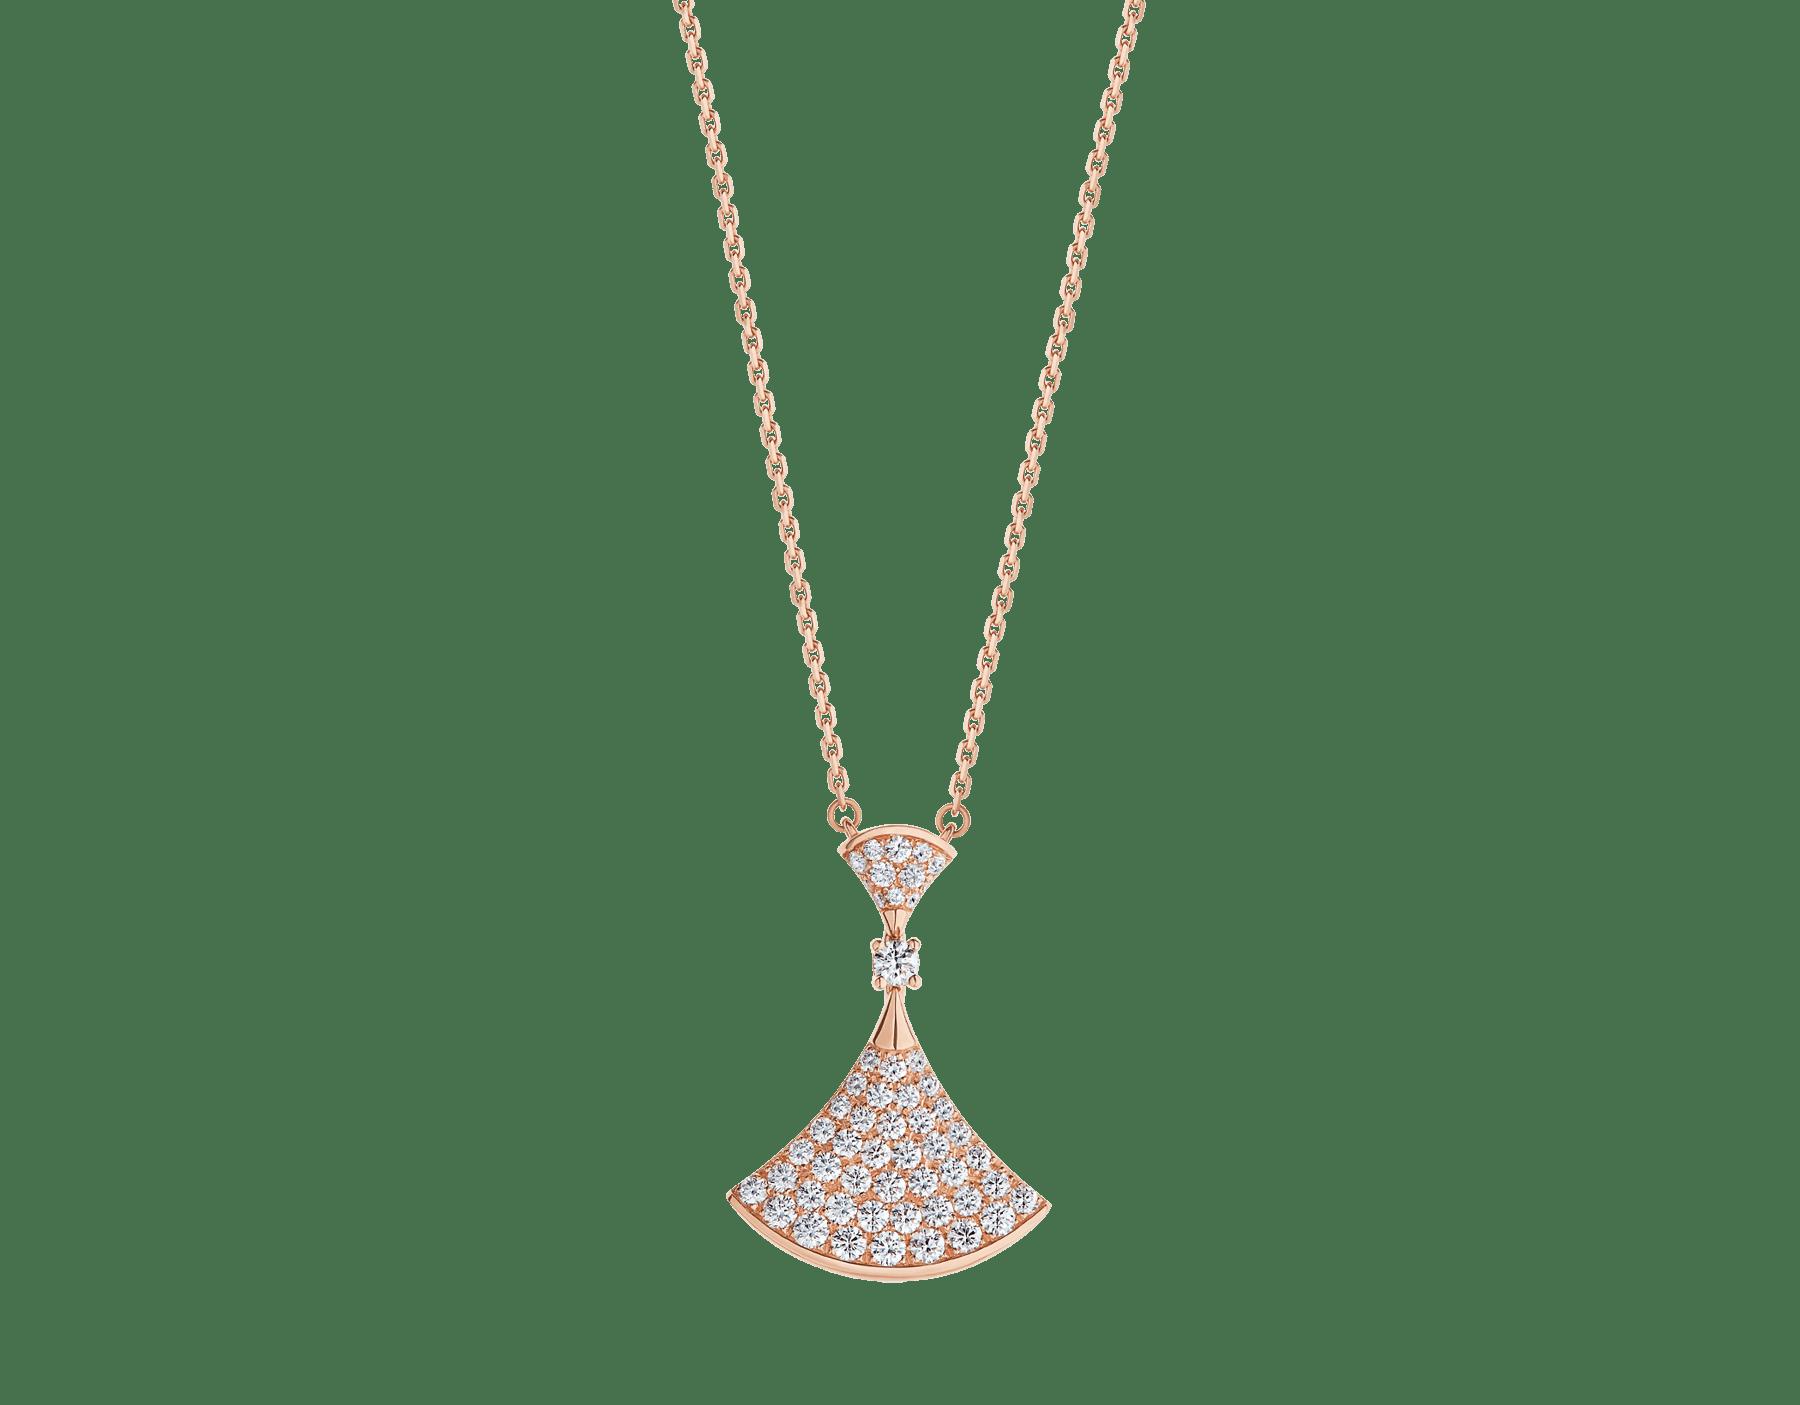 DIVAS' DREAM 18 kt rose gold pendant necklace set with a round brilliant-cut diamond (0.10 ct) and pavé diamonds (0.83 ct) 358121 image 1